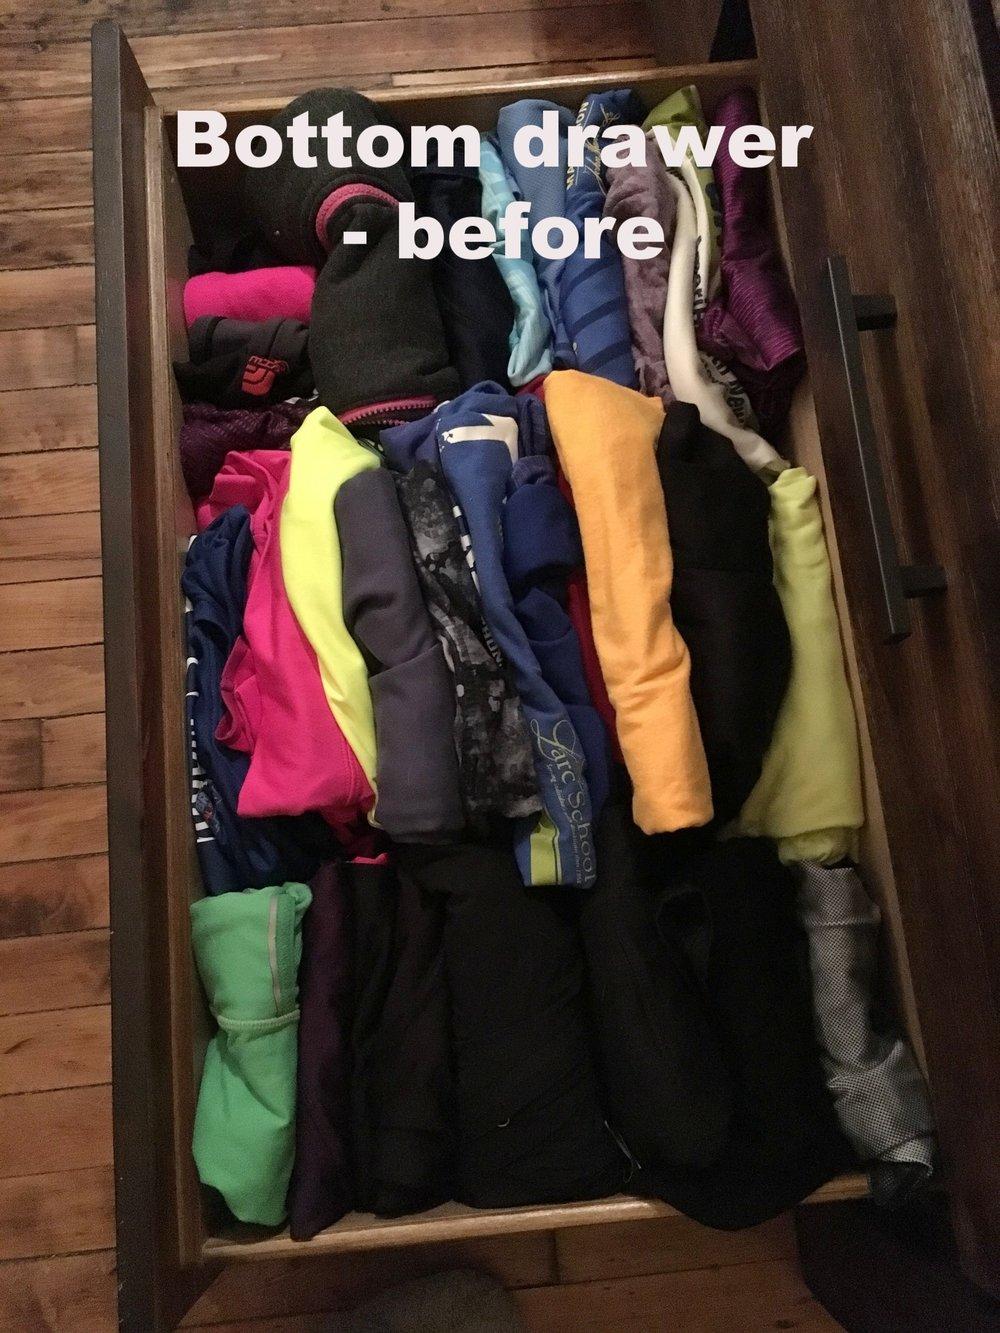 bottom drawer - before